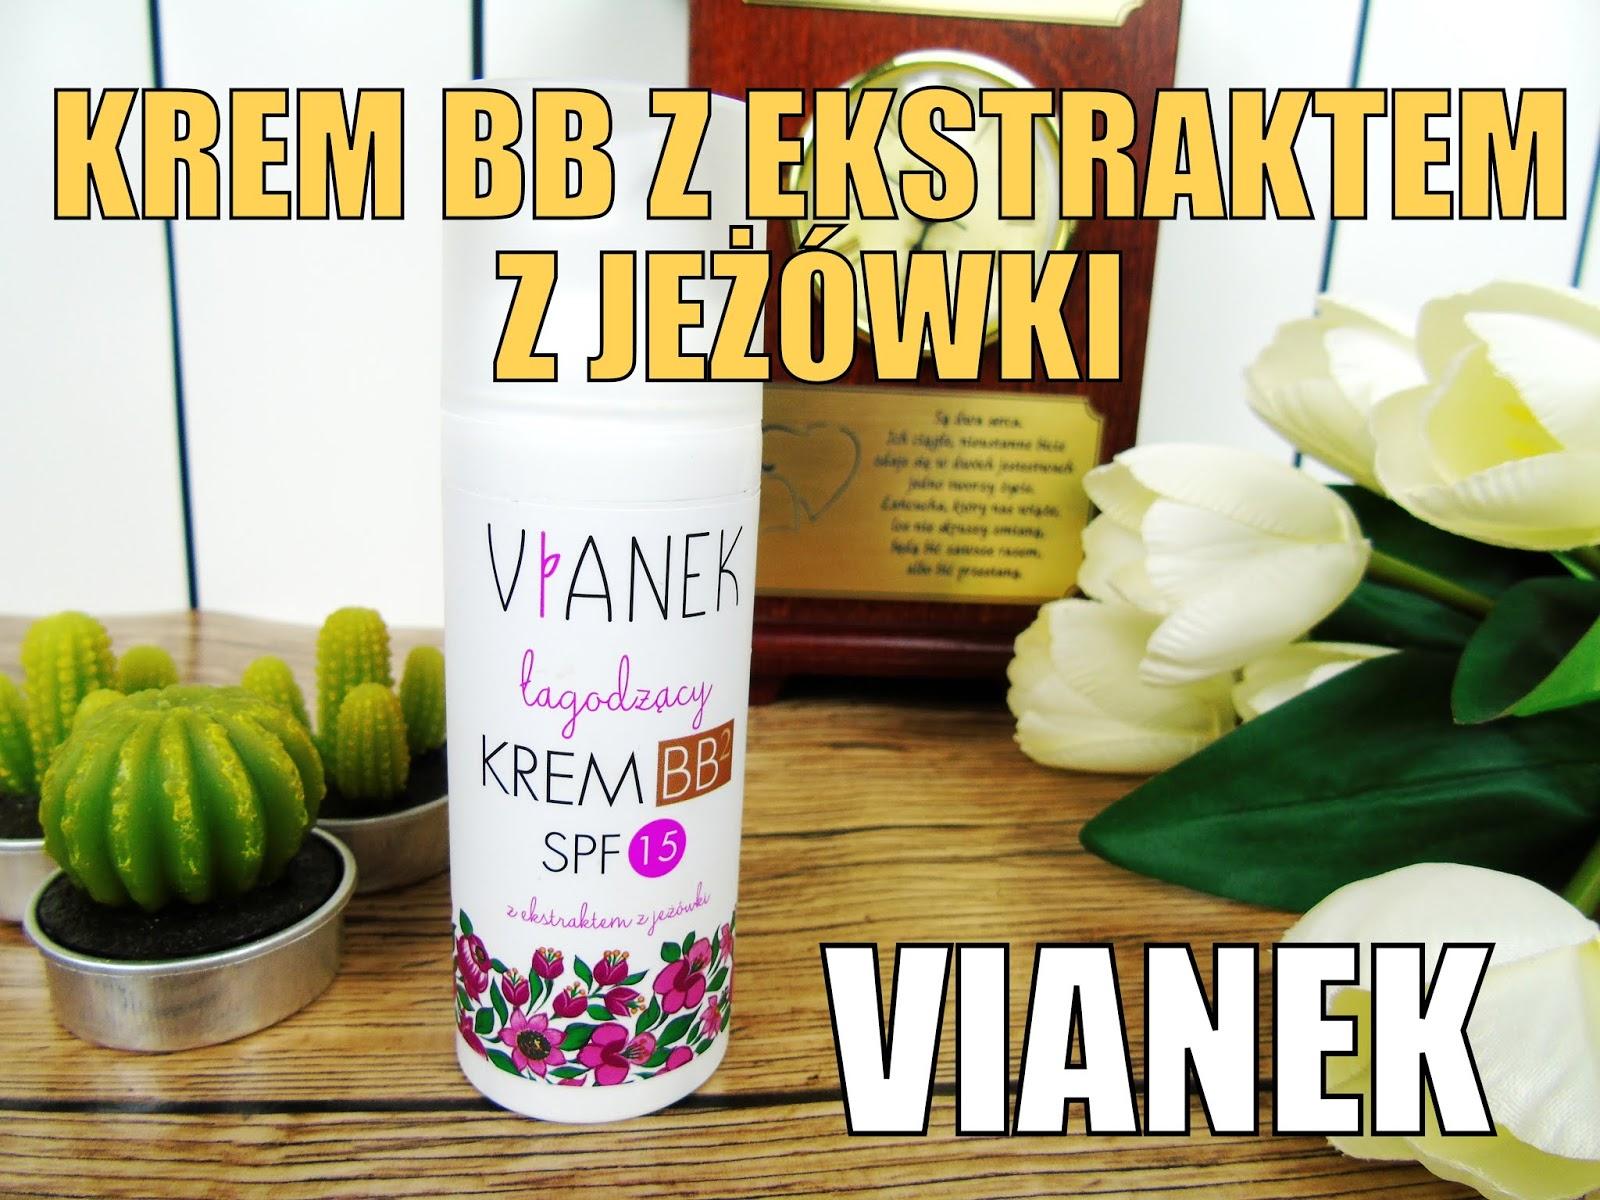 Krem BB marki VIANEK z ekstraktem z jeżówki - DROGERIA WAPTEKA